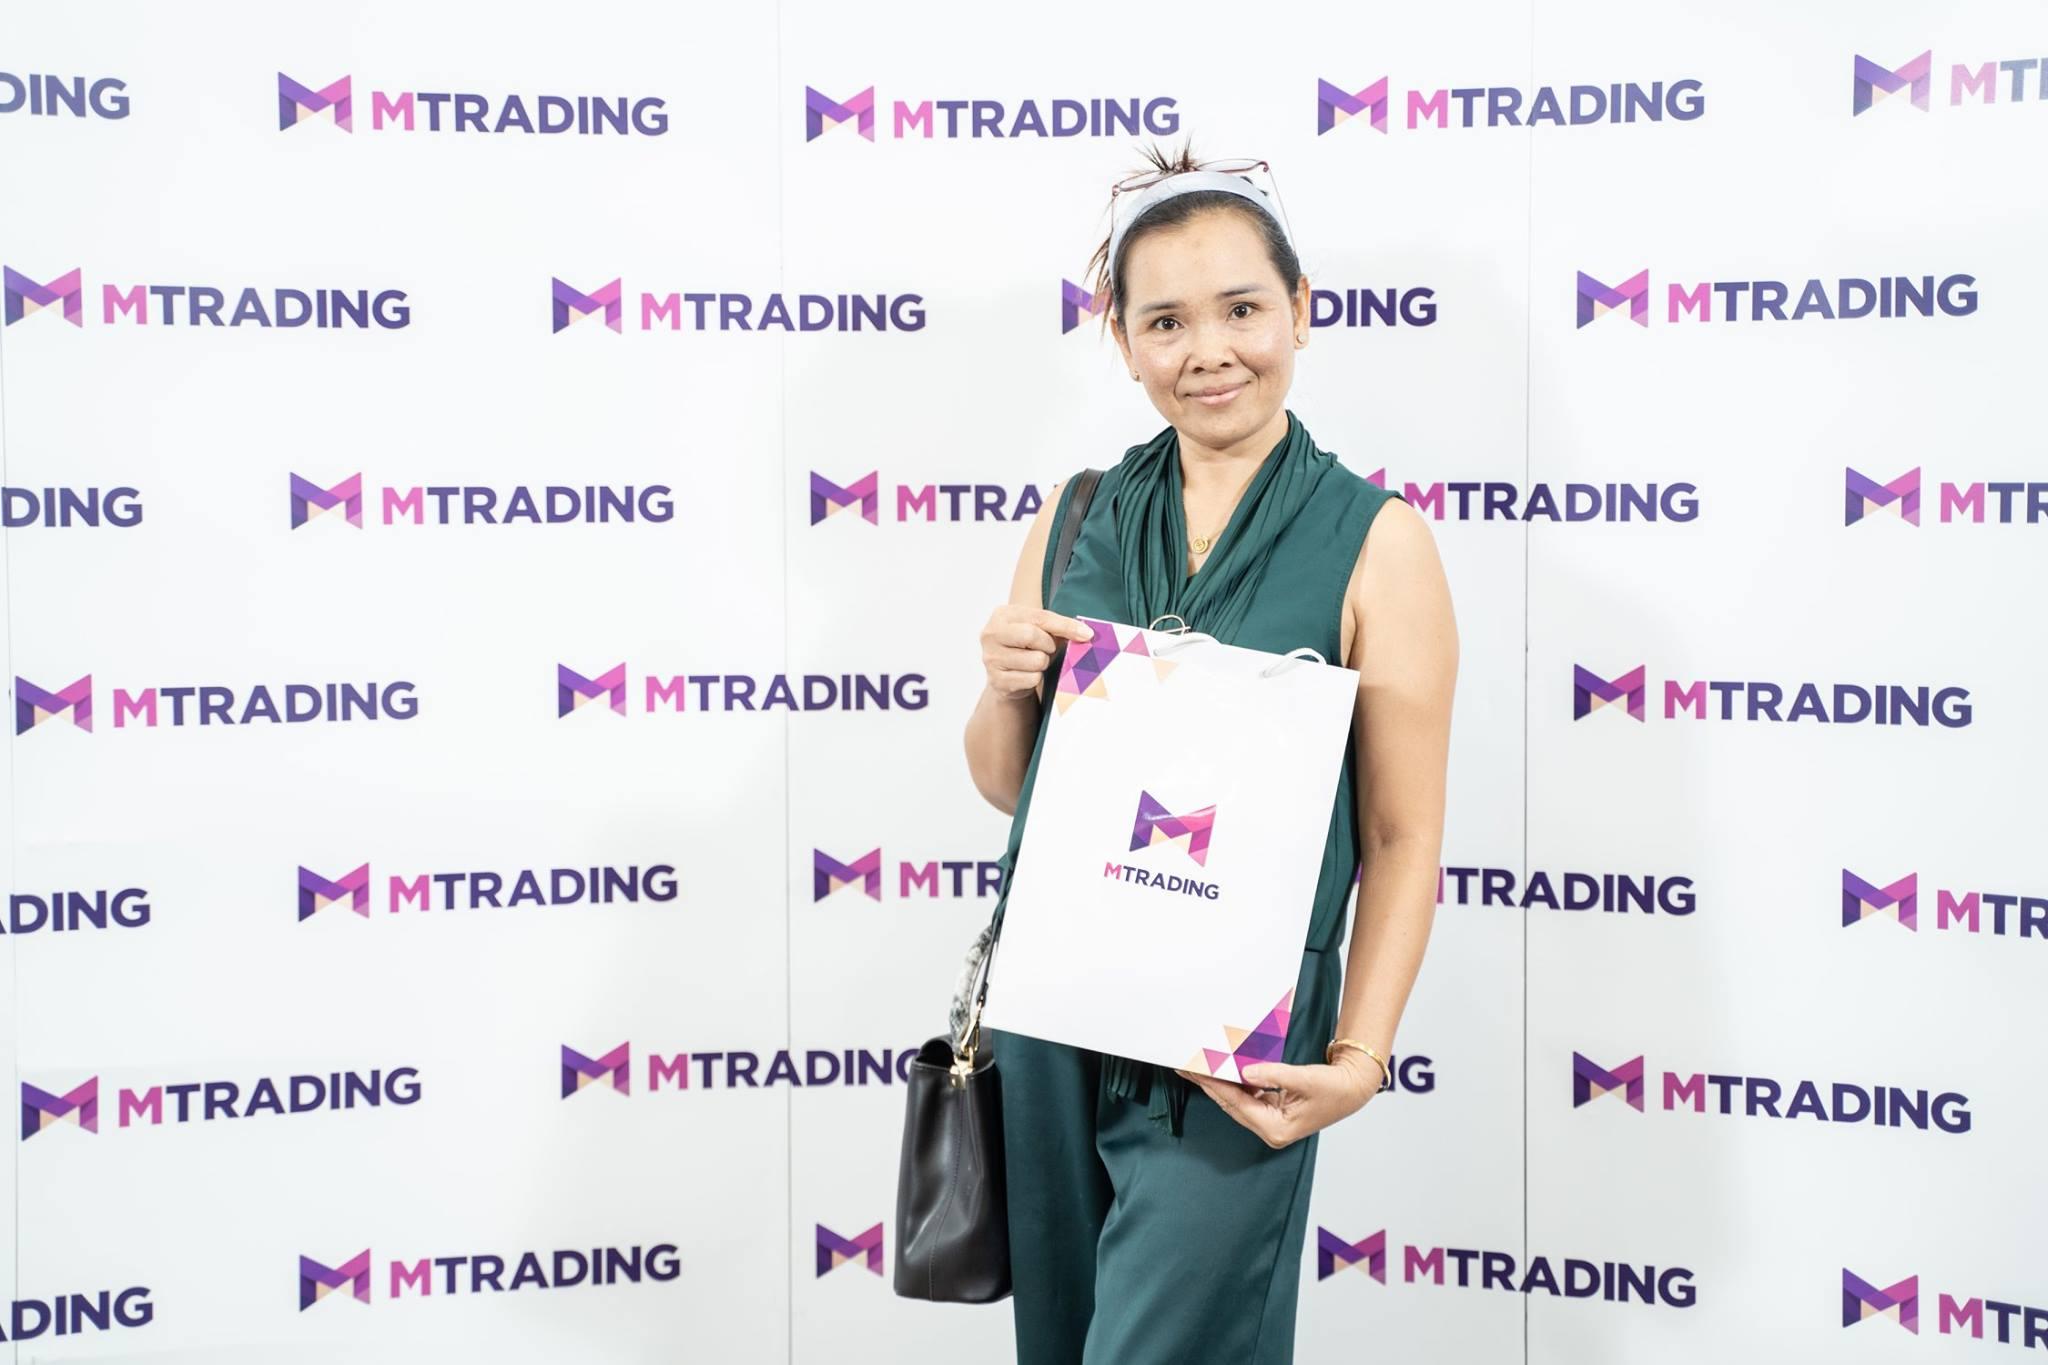 รางวัลพิเศษสำหรับผู้เข้าสัมมนา Forex กับ MTrading